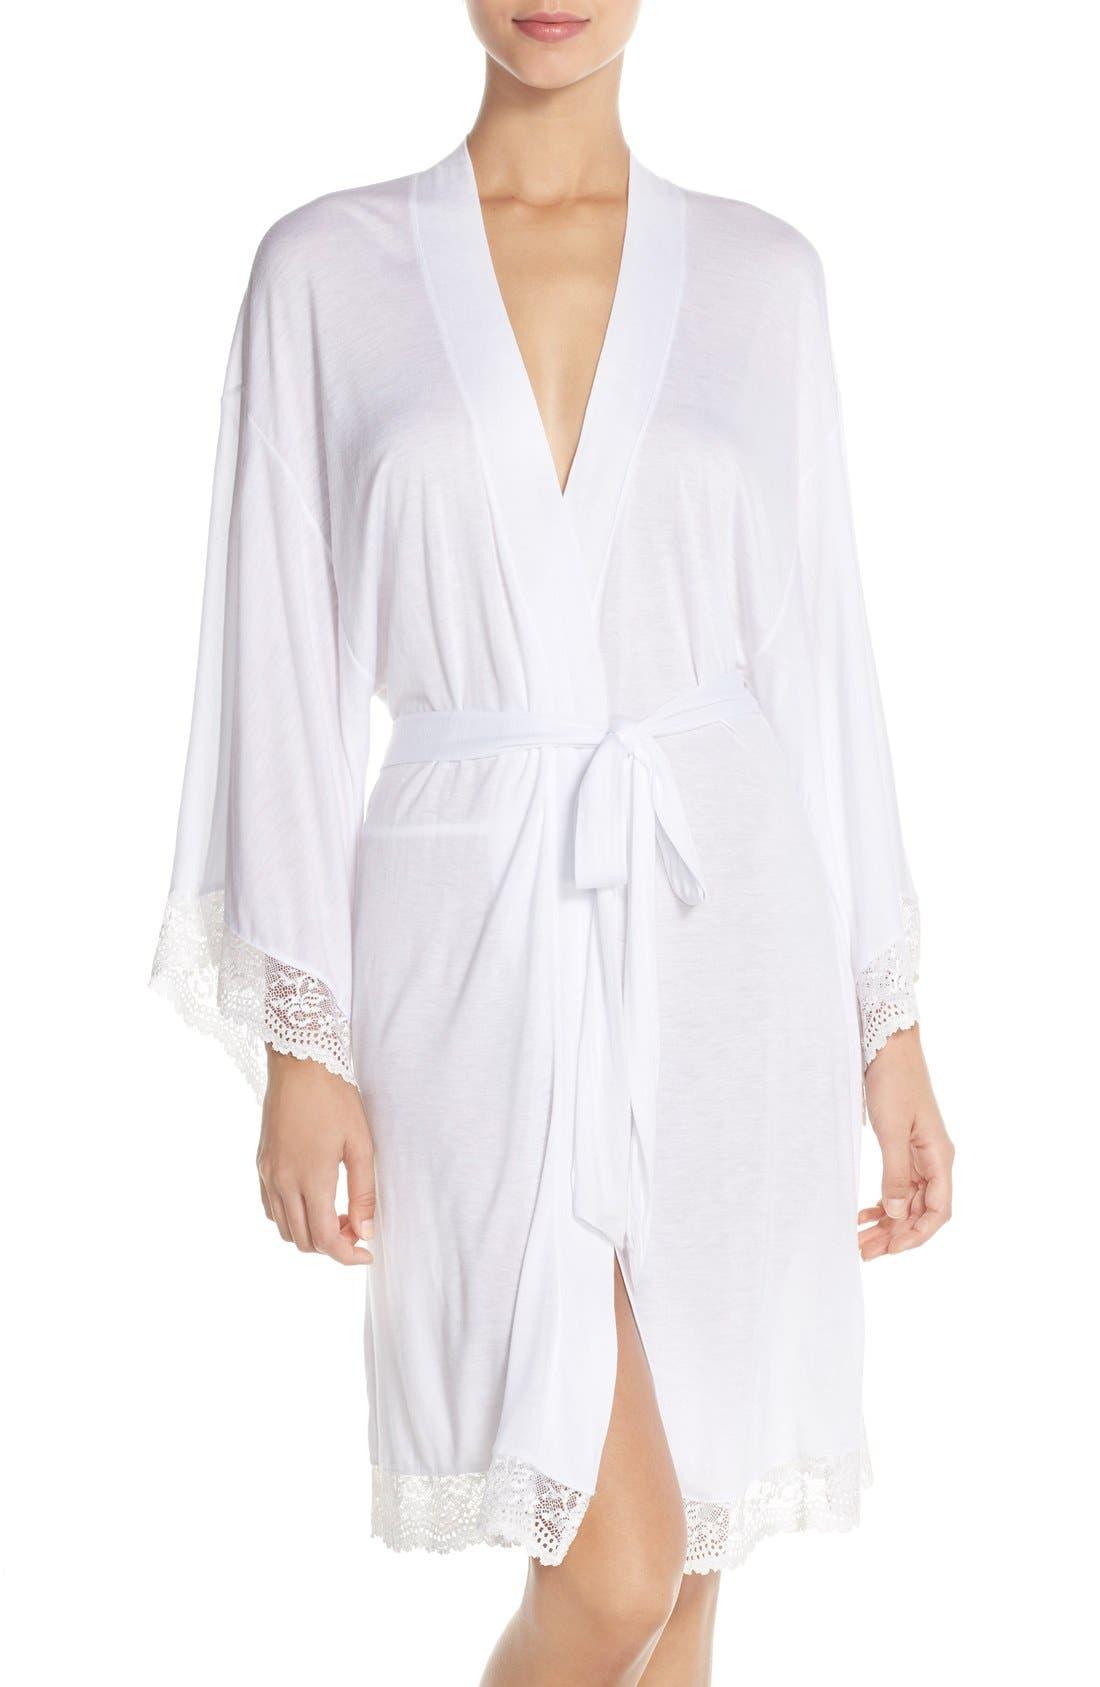 Alternate Image 1 Selected - Eberjey 'Colette' Kimono Robe